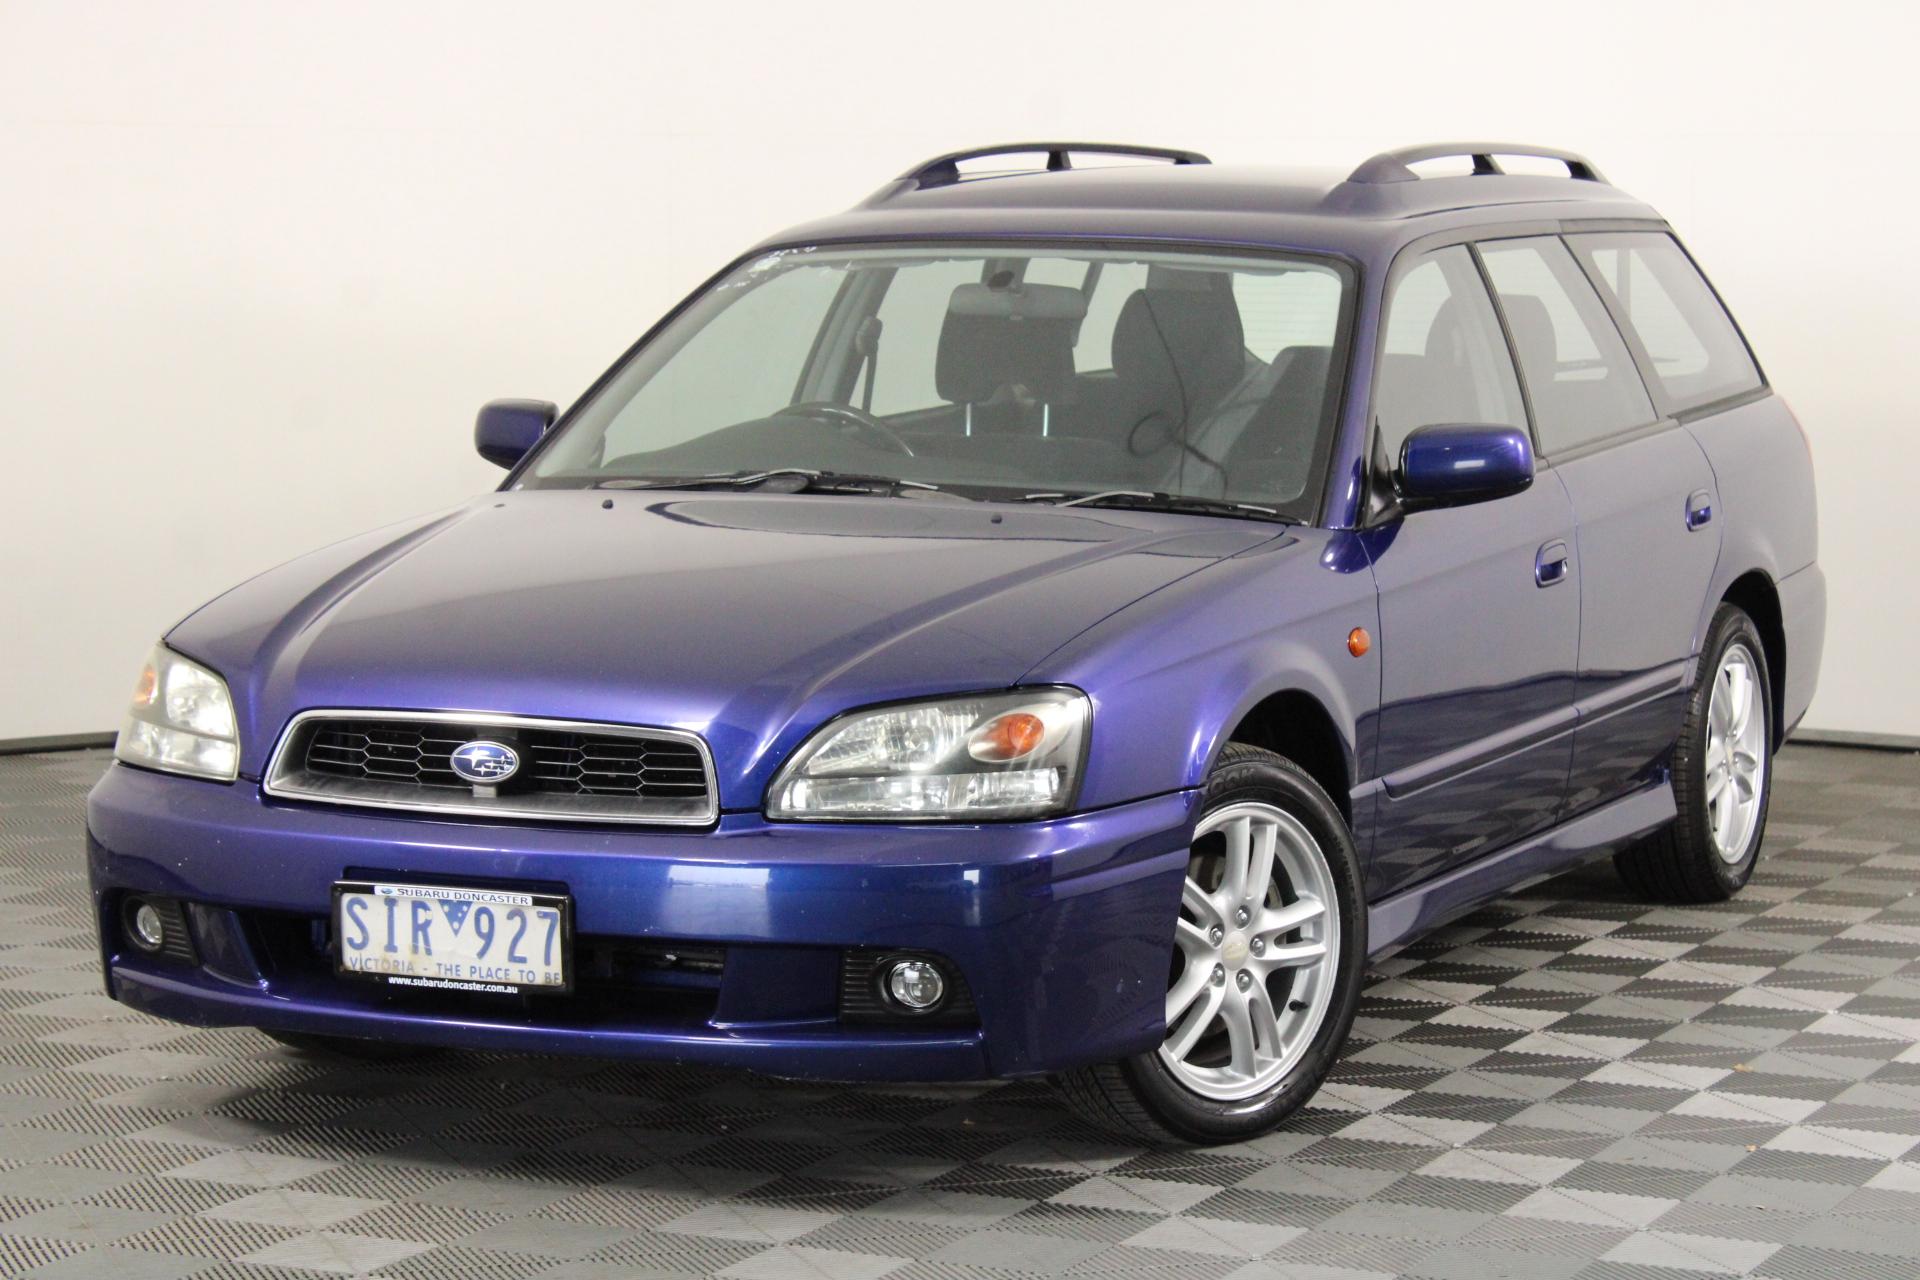 2002 Subaru Liberty RX B3 Automatic Wagon